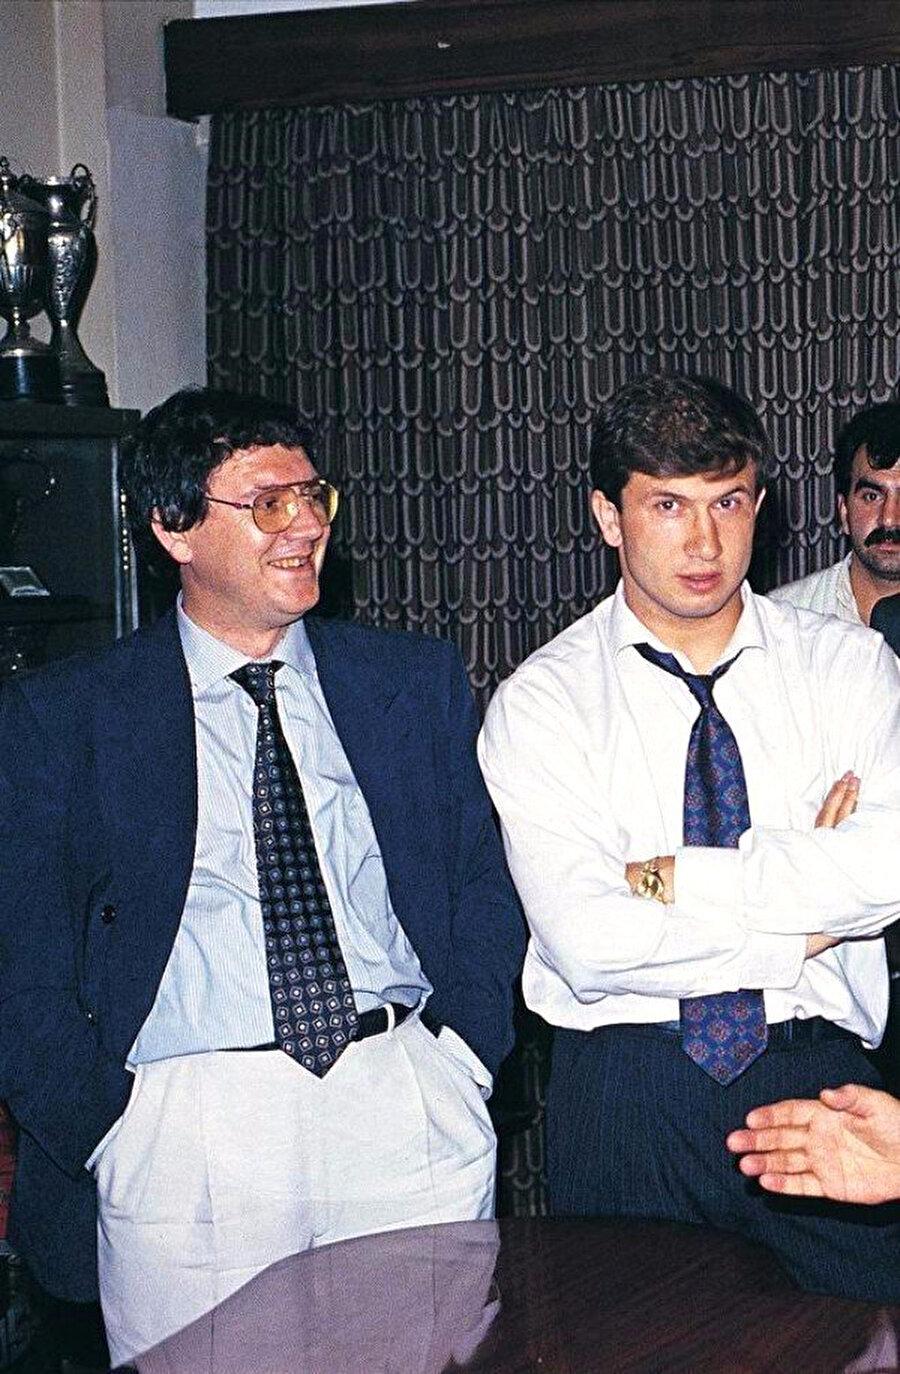 Fenerbahçe aşkı O'nun için çok farklı                                                                           Gazi Üniversitesi mezunu olan Aziz Yıldırım'ın Fenerbahçe aşkı çocukluk yıllarında başladı. Yıldırım, 1990-1992 yılları arasında Fenerbahçe yönetiminde görev aldı. 1991-92 sezonunda Yıldırım, Futbol Şube Sorumlusu olarak görev yaptı.